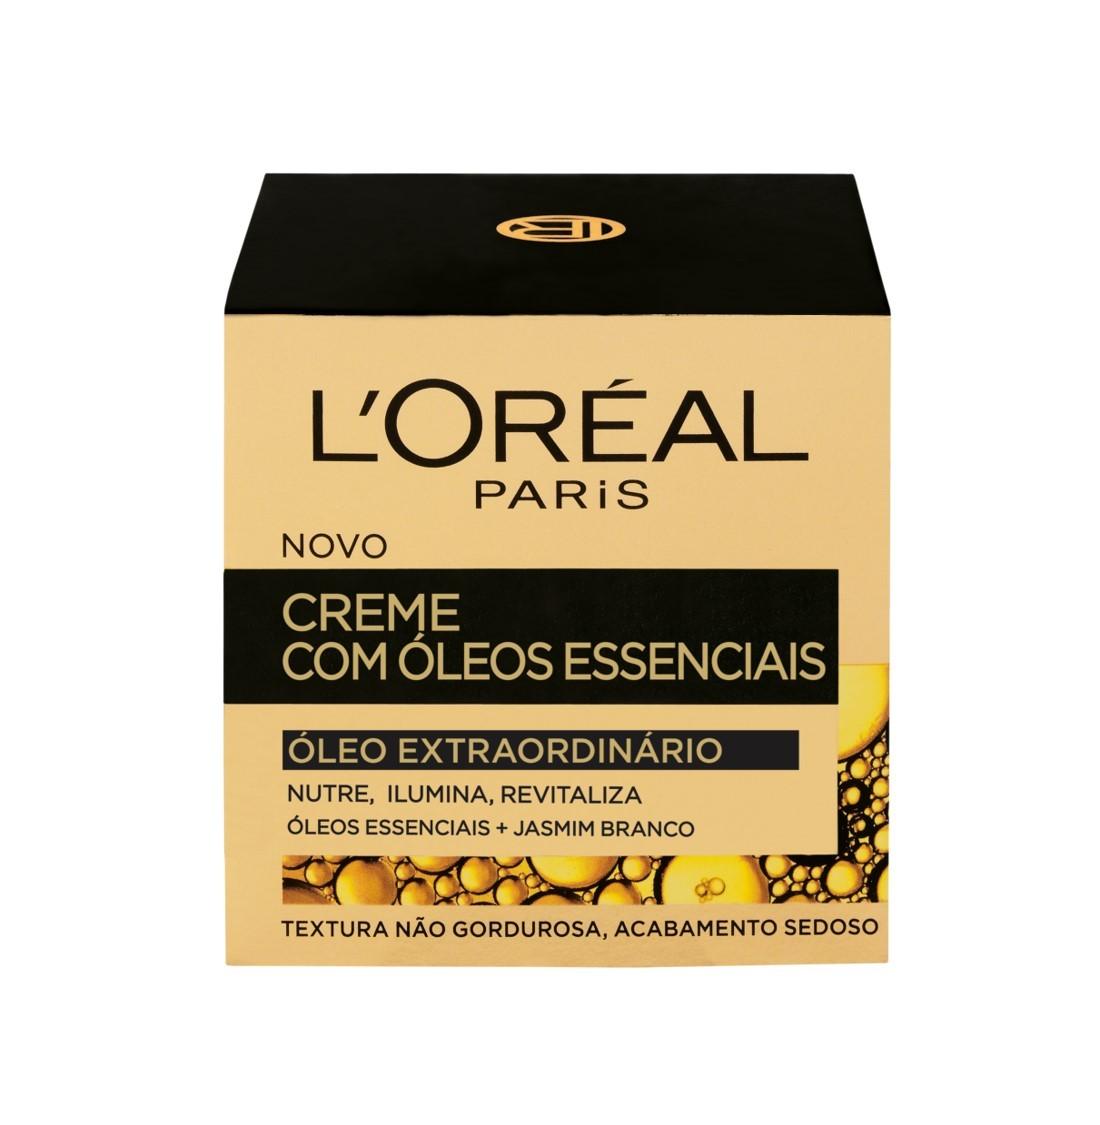 L'Oréal Paris - Body Expertise Óleo Rosto Extraordinário -